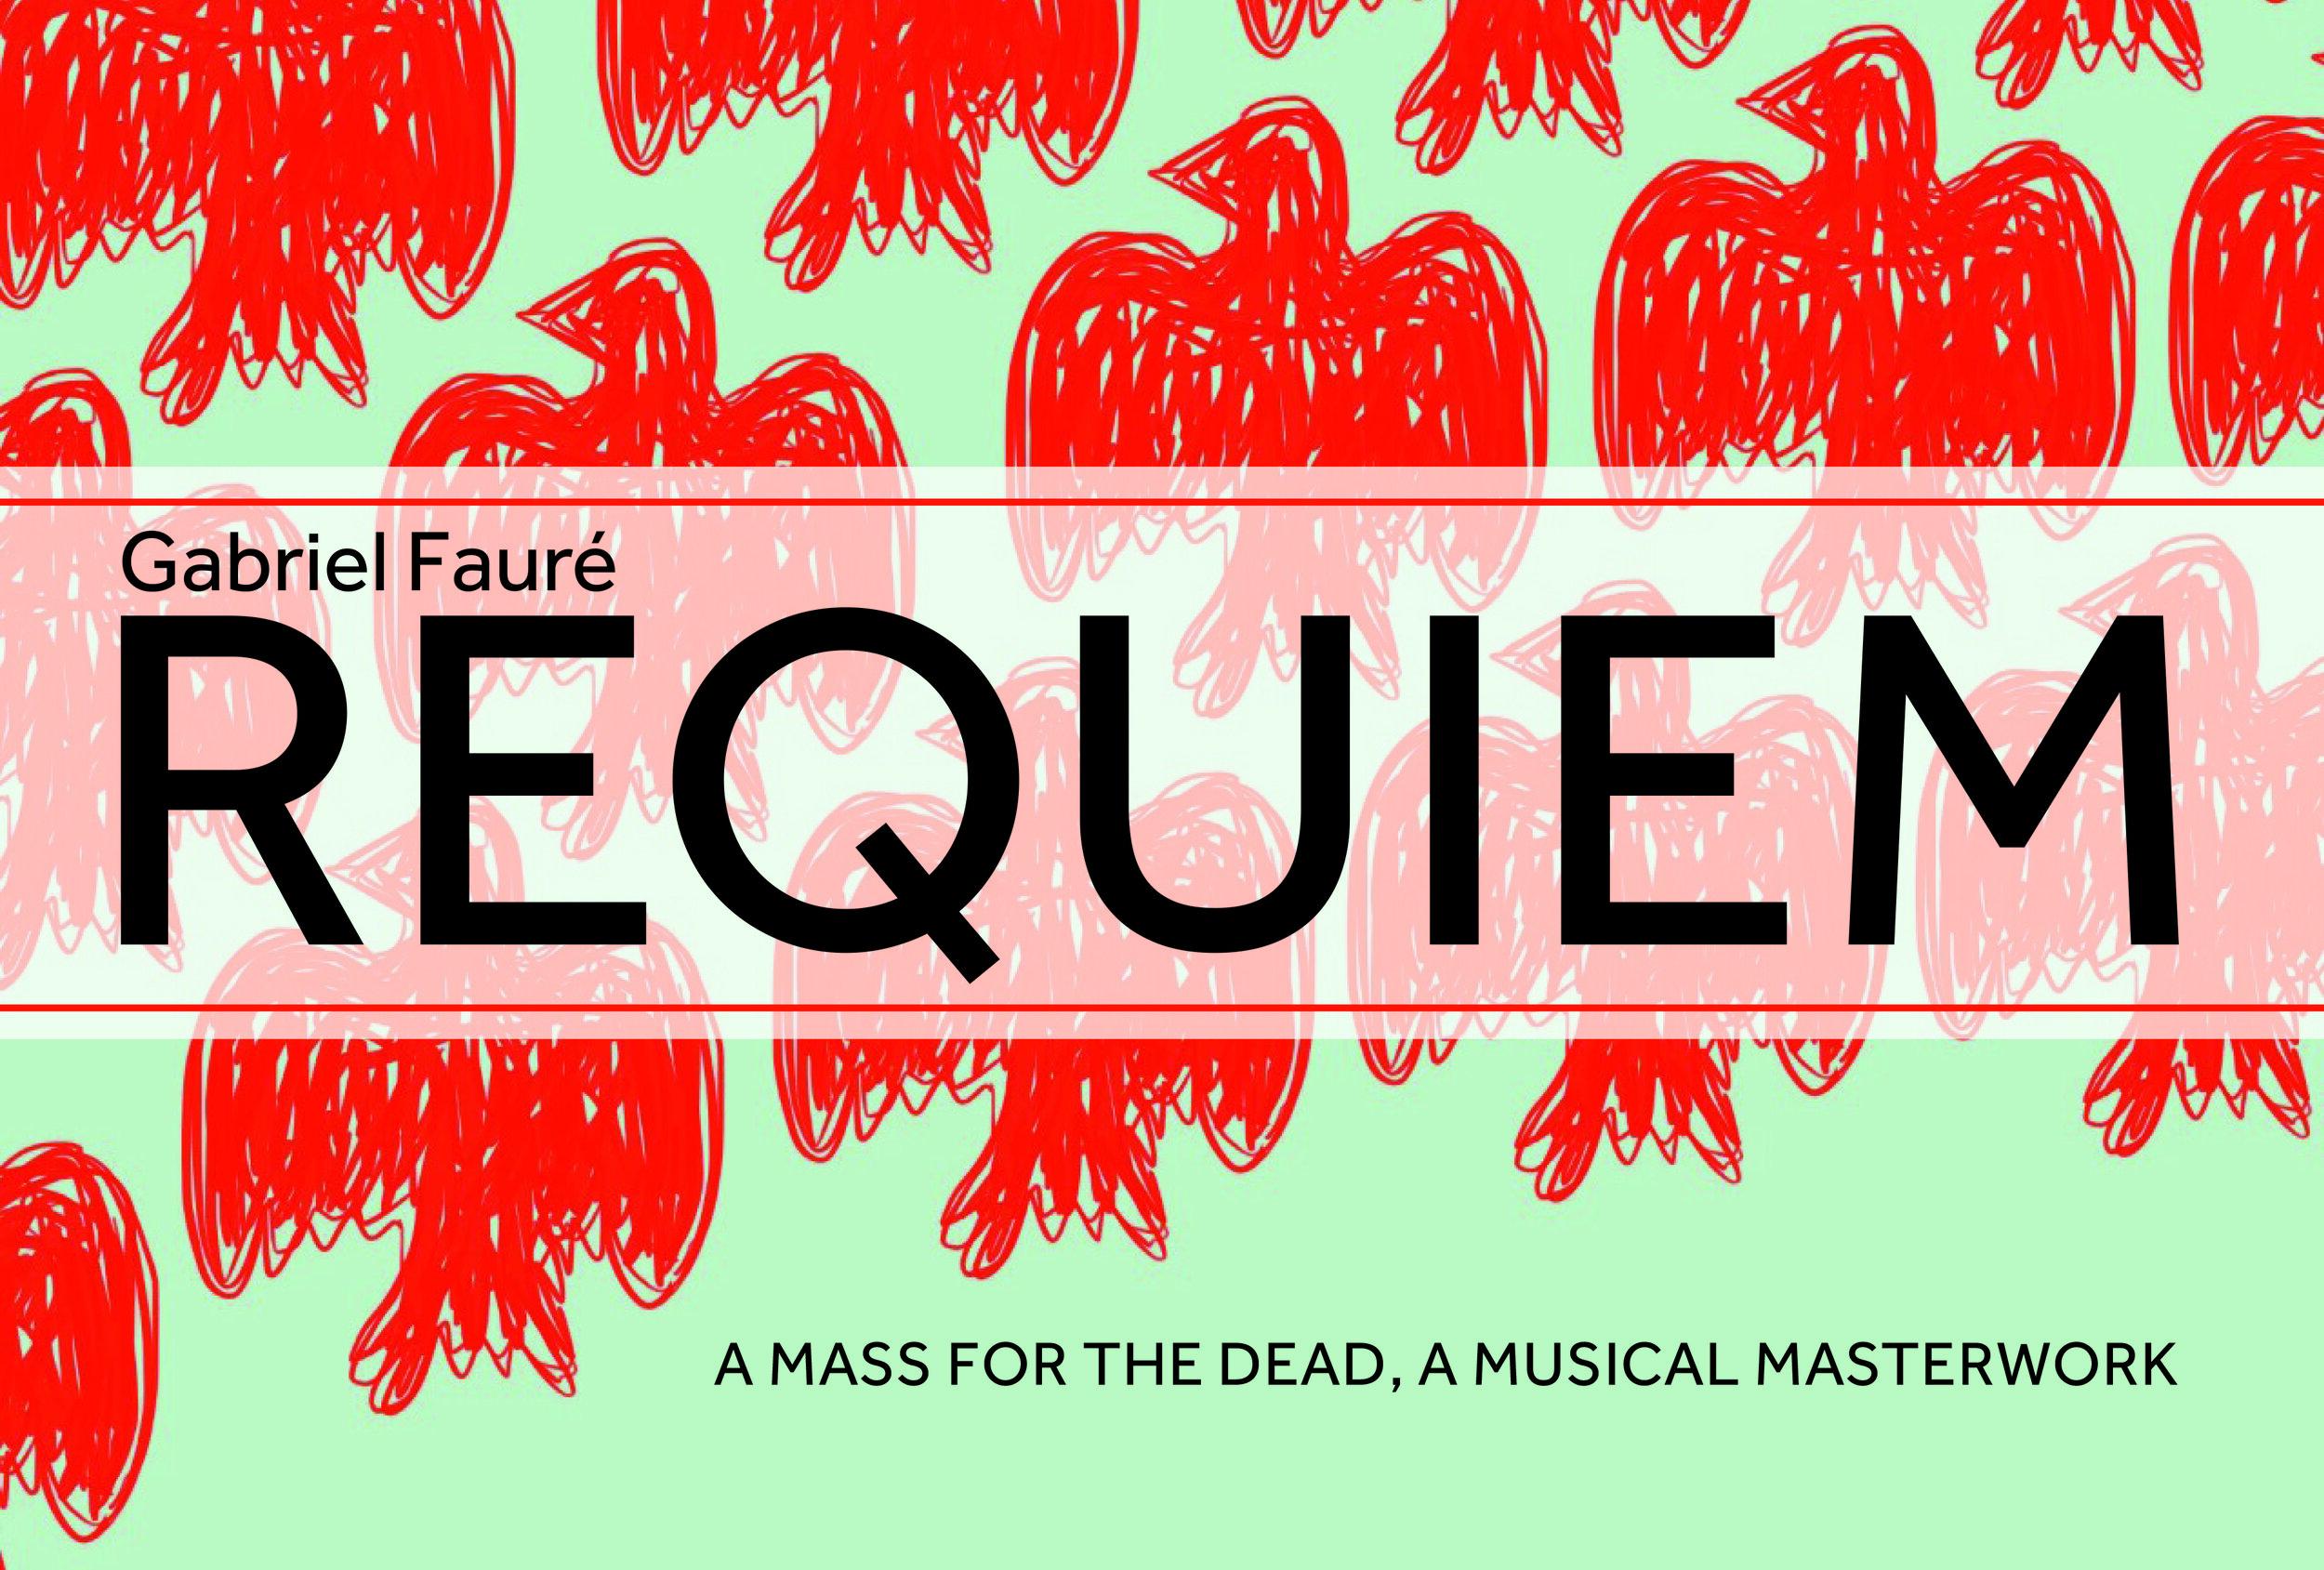 Requiem Postcard_FINAL-1.jpg